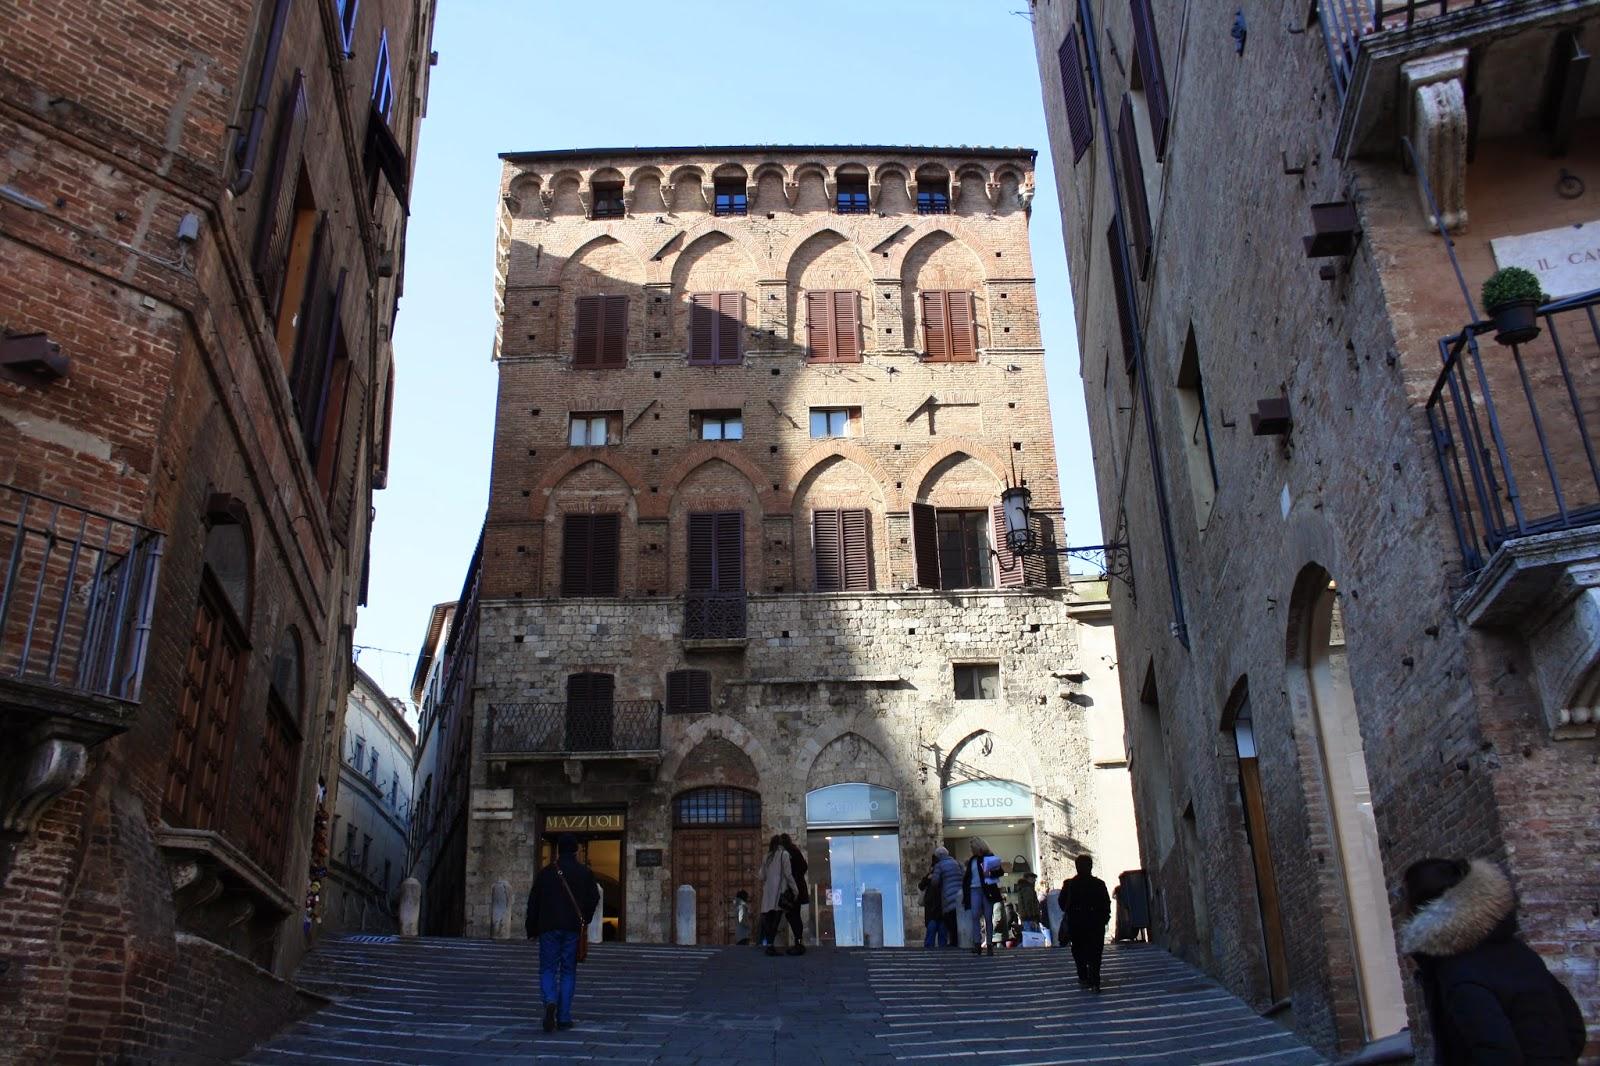 Edificios del centro histórico de Siena